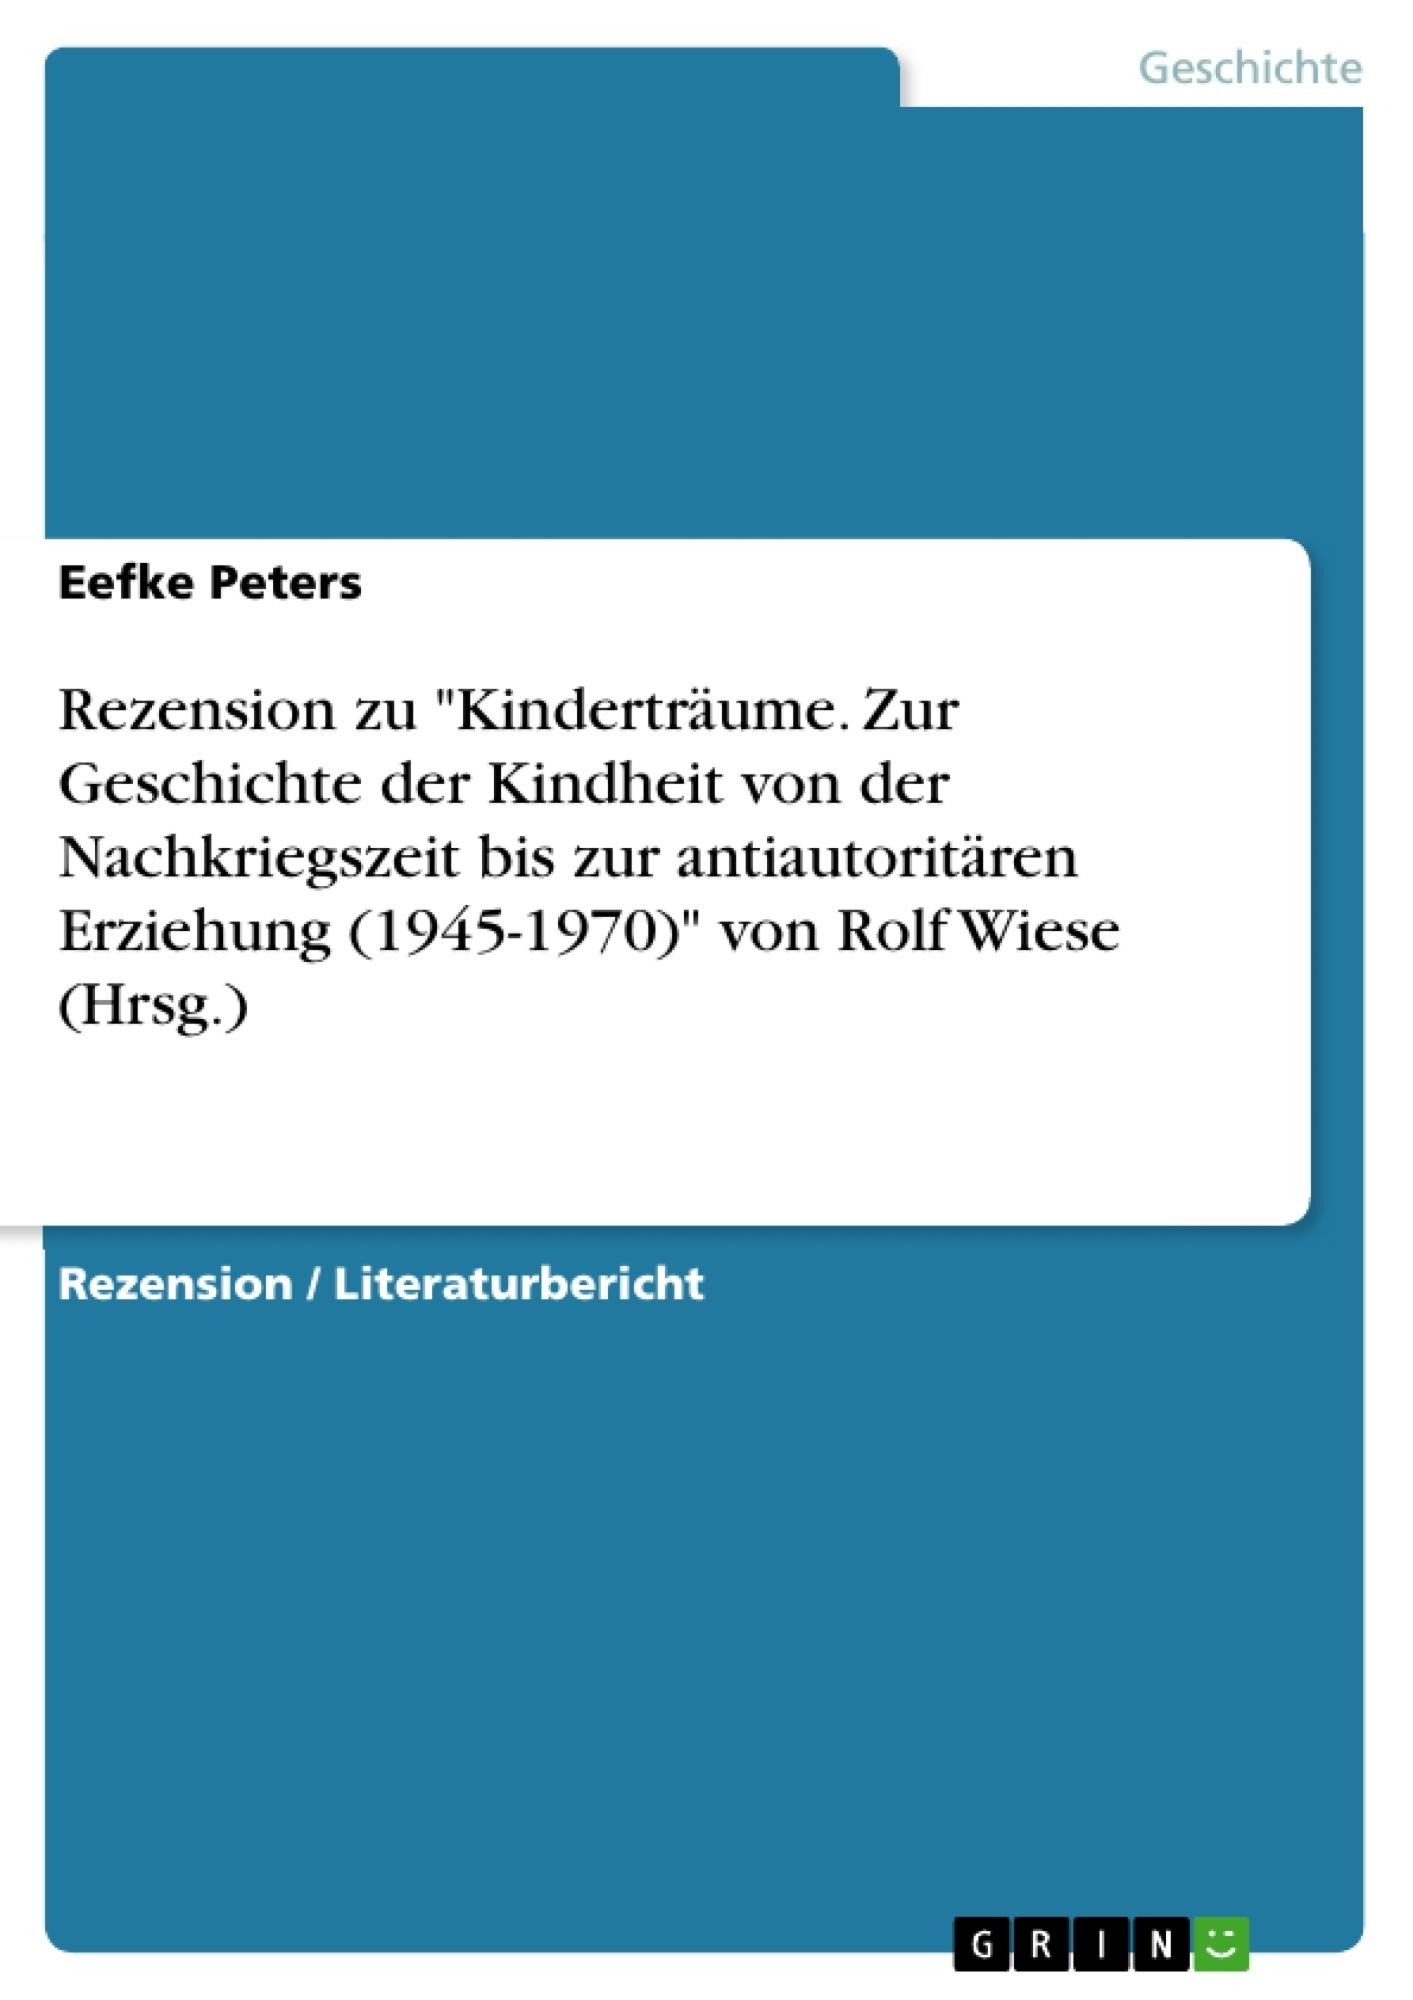 """Titel: Rezension zu """"Kinderträume. Zur Geschichte der Kindheit von der Nachkriegszeit bis zur antiautoritären Erziehung (1945-1970)"""" von Rolf Wiese (Hrsg.)"""